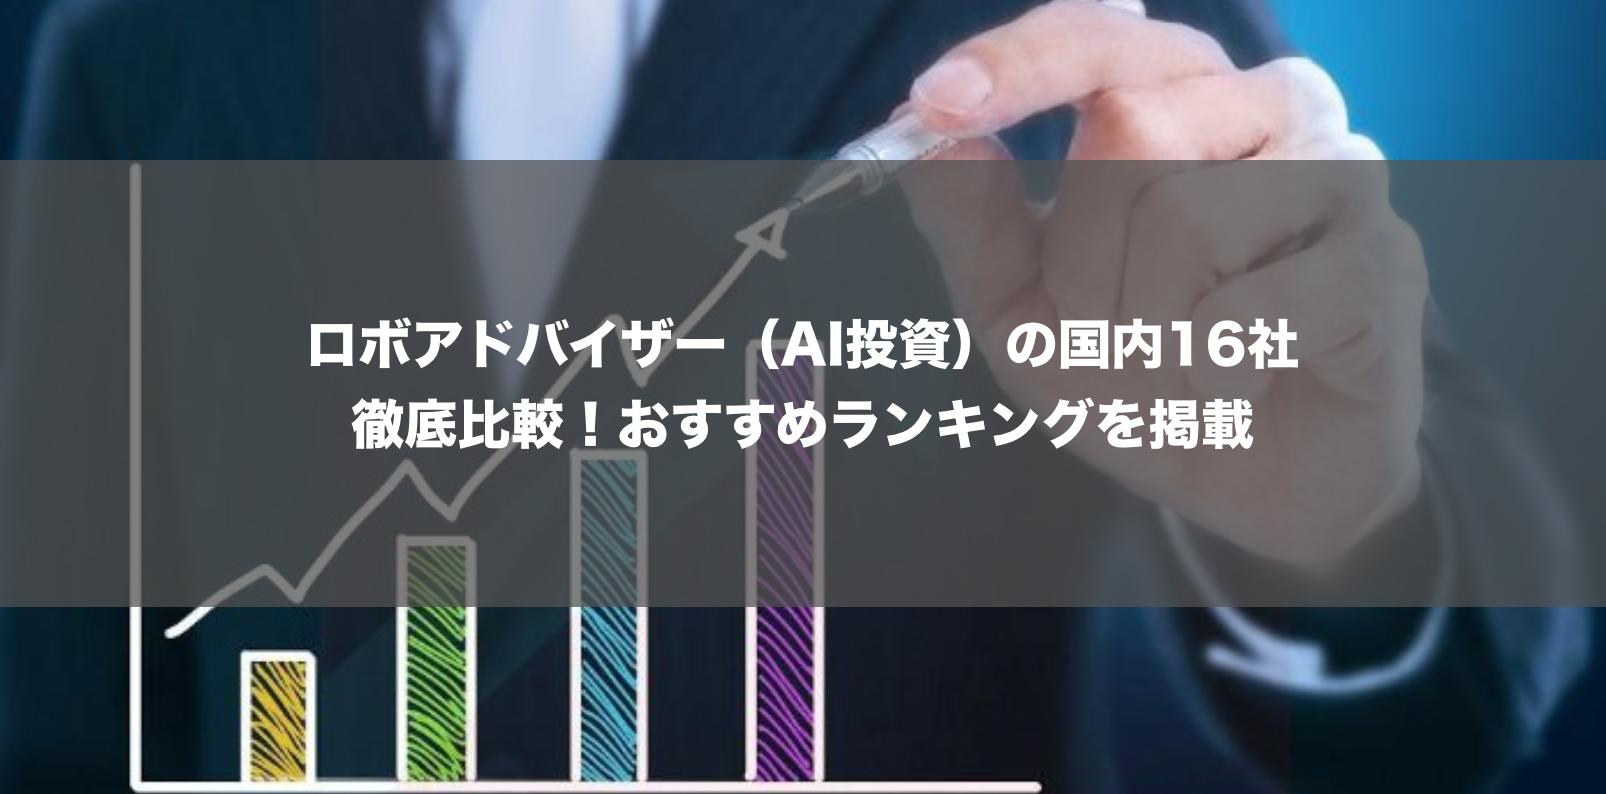 ロボアドバイザー(AI投資)国内16社を徹底比較!おすすめランキング